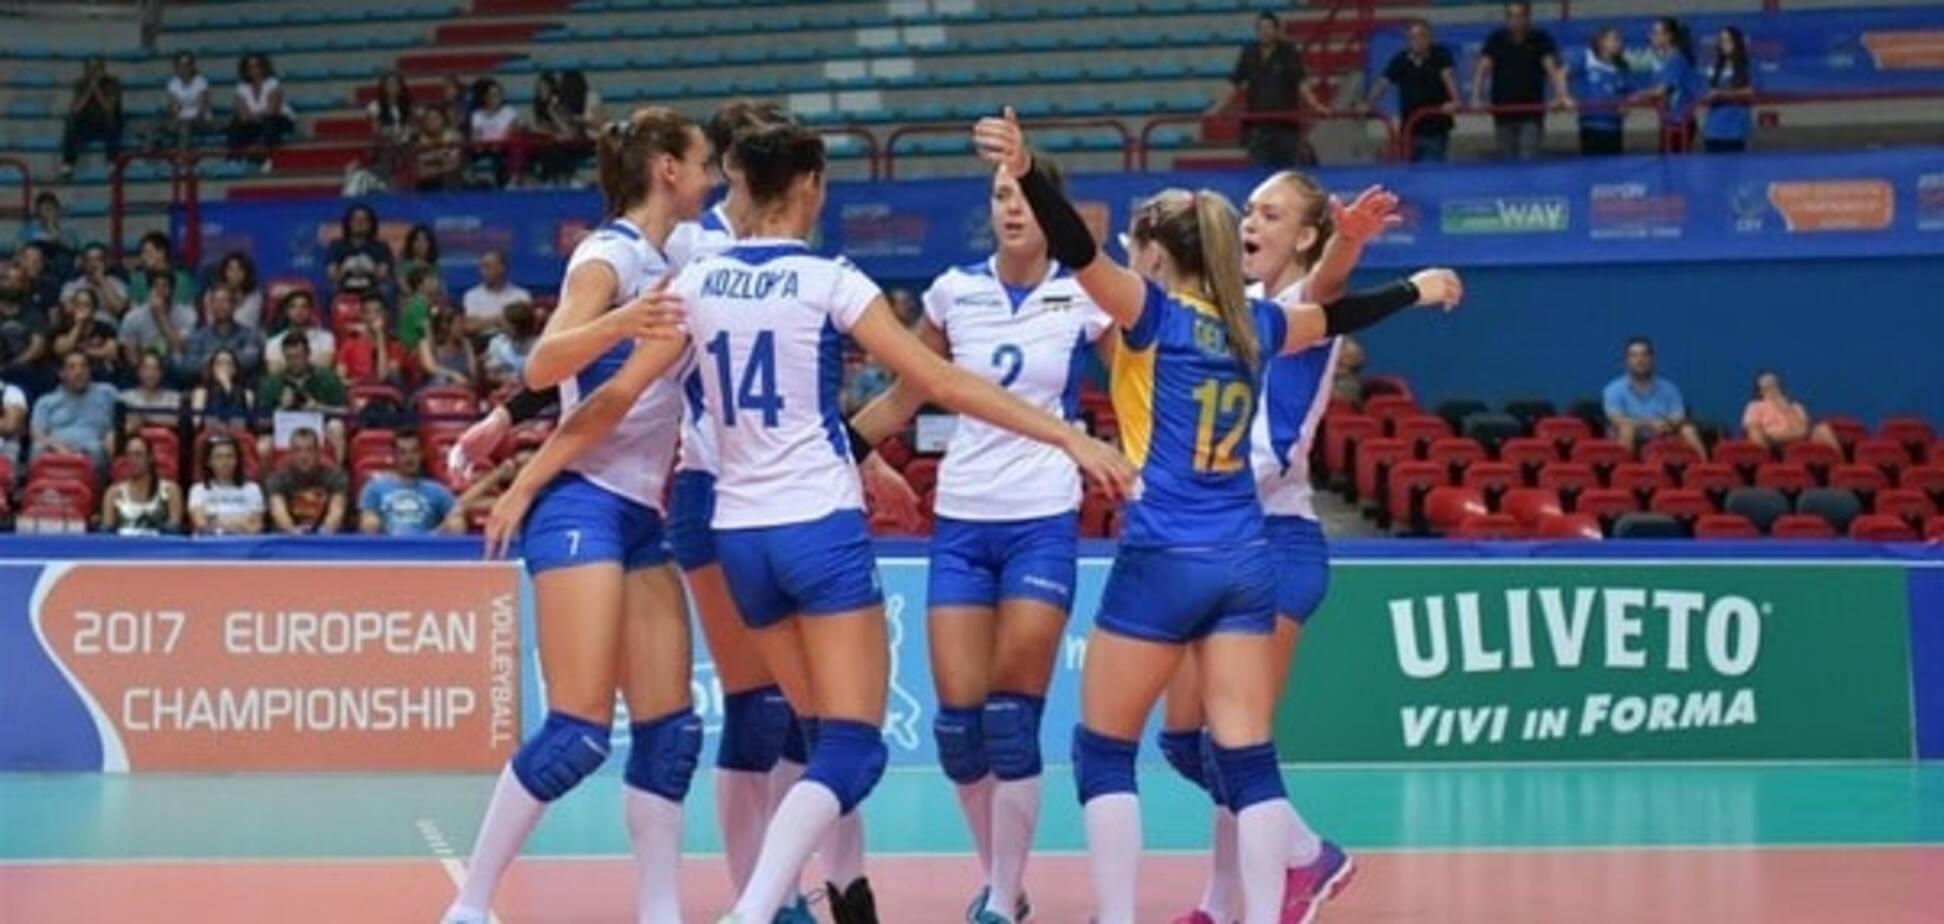 Україна здобула яскраву перемогу в кваліфікації чемпіонату Європи з волейболу